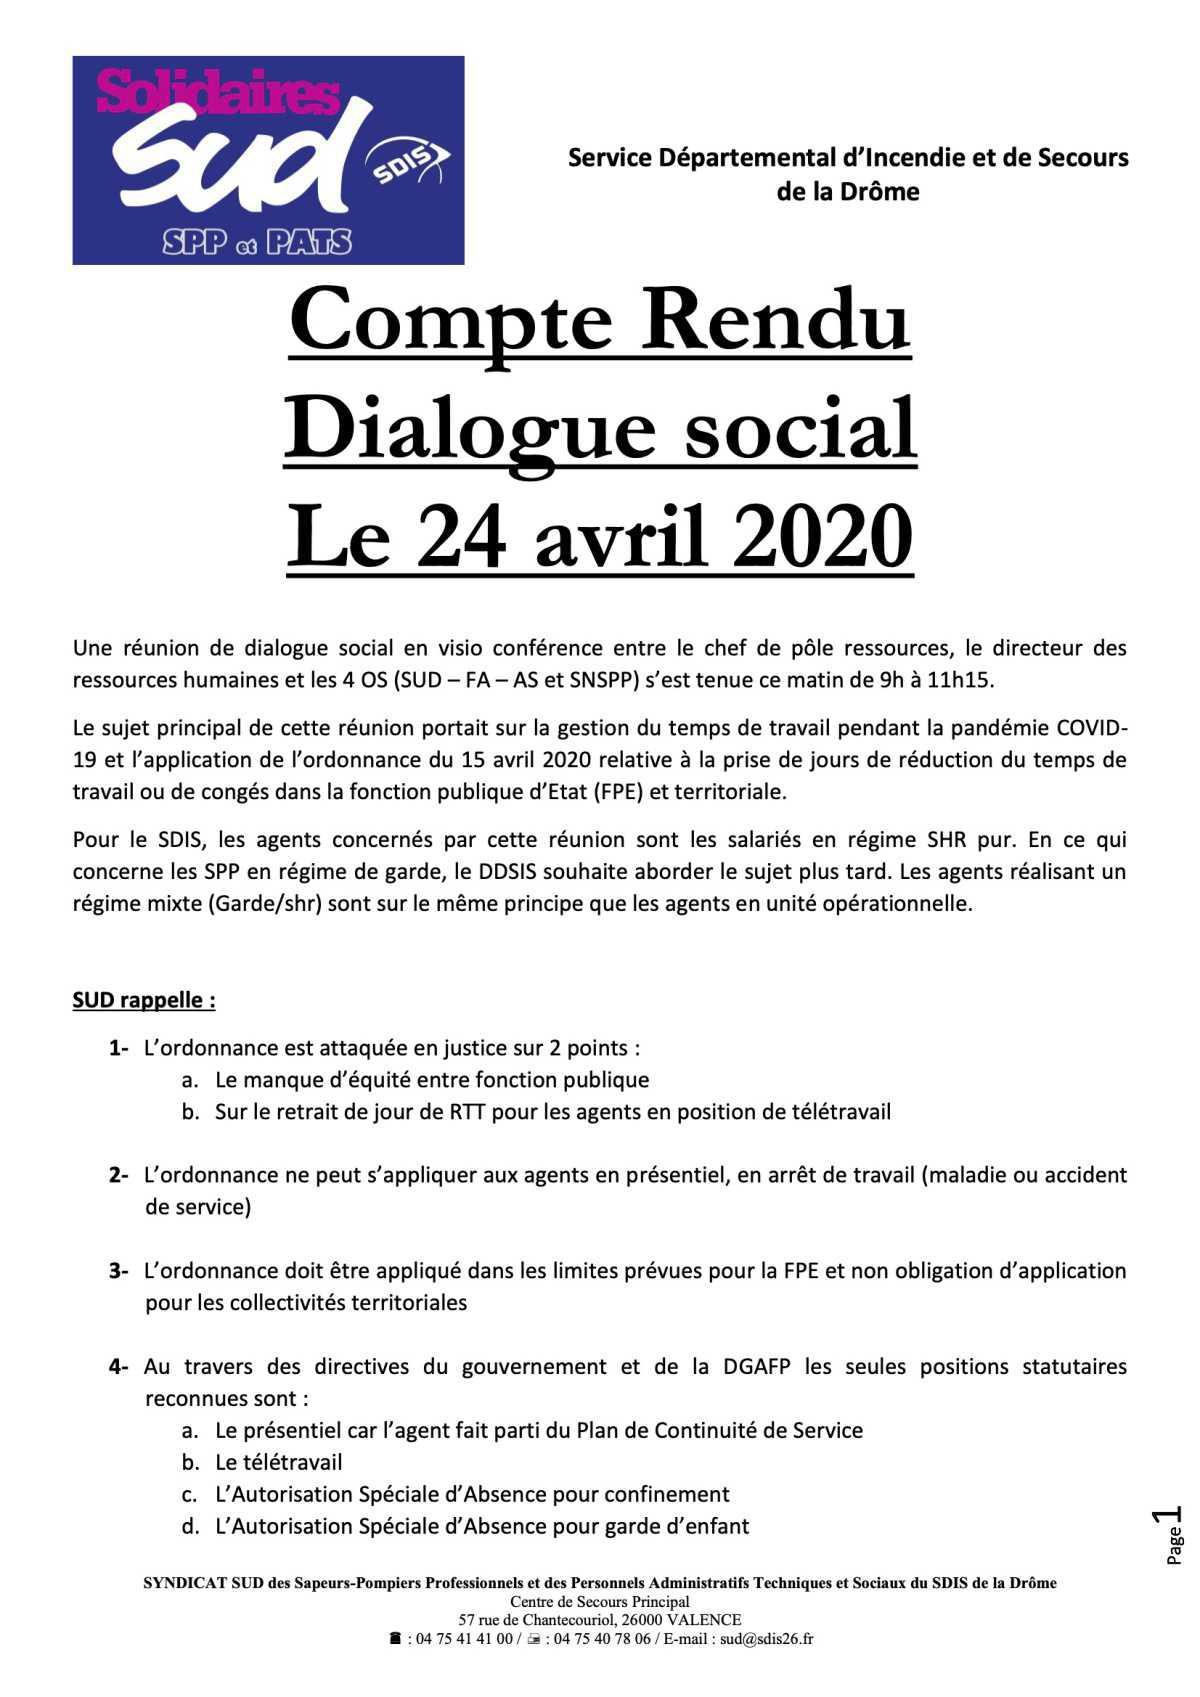 Compte rendu dialogue social le 24 avril 2020